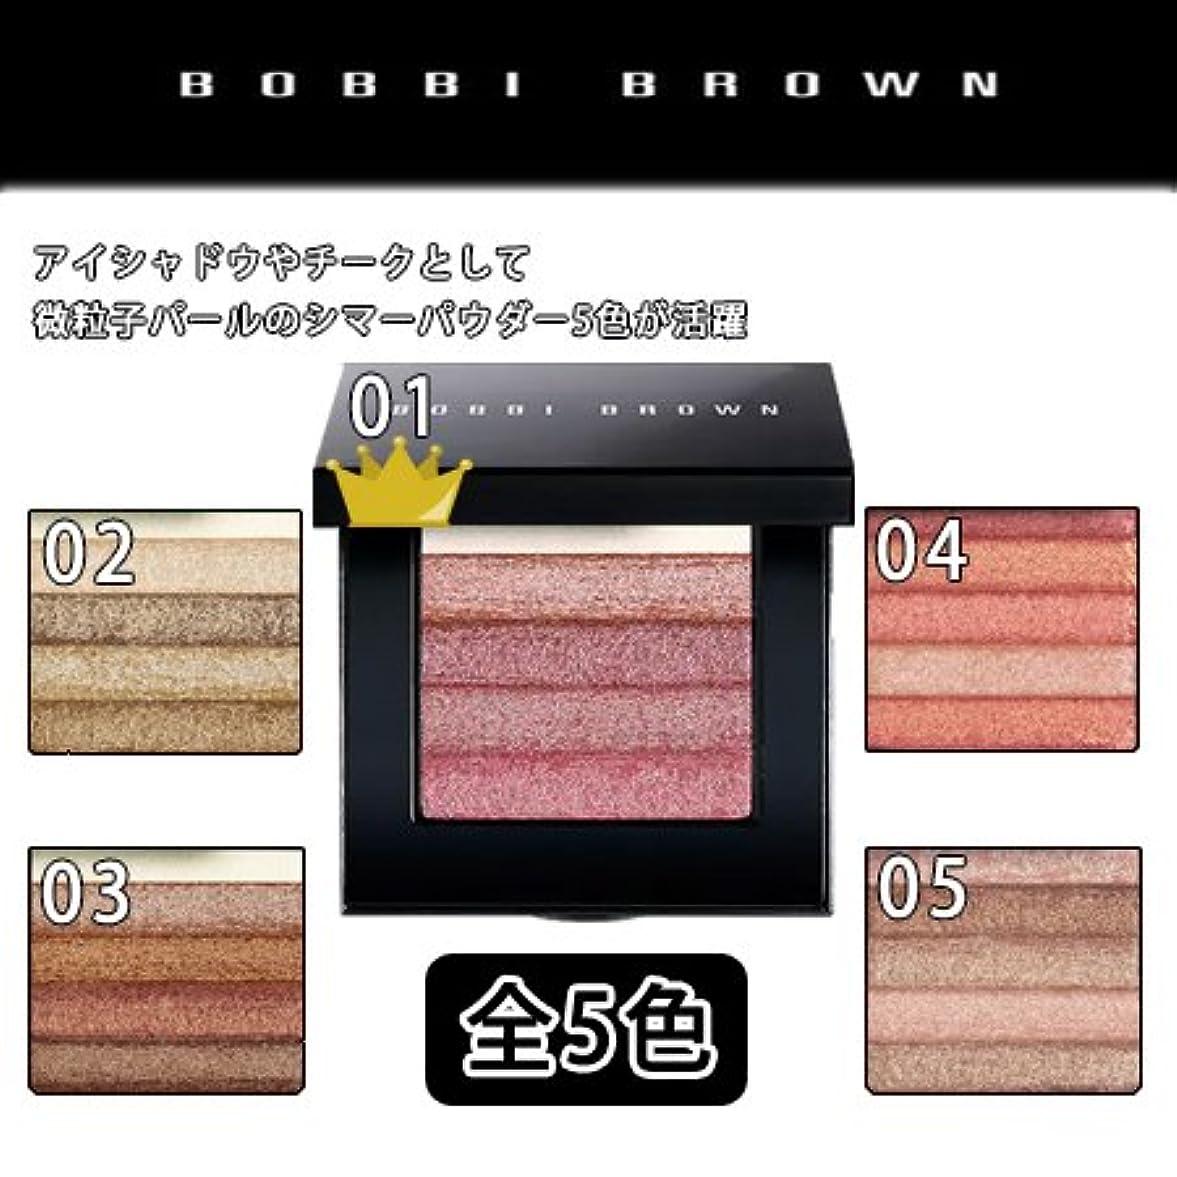 貼り直す同種の減らすボビイブラウン シマーブリック 全5色 -BOBBI BROWN- ローズ